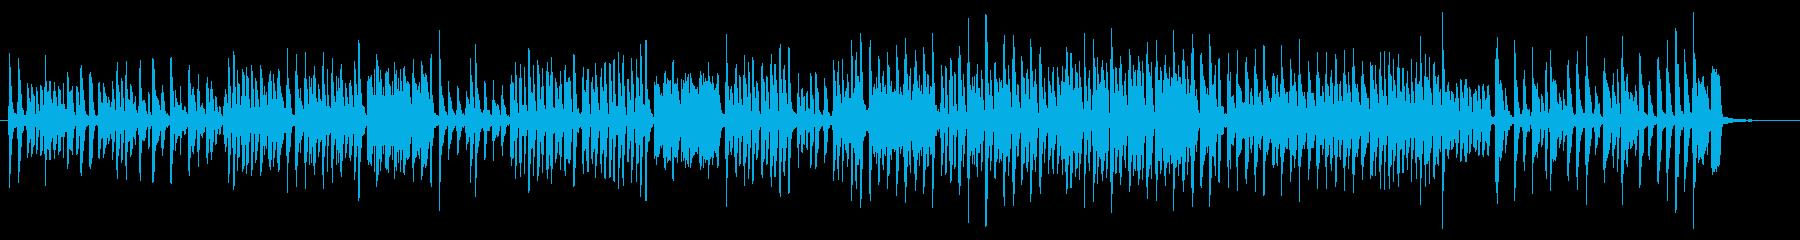 クッキング中に合いそうな曲の再生済みの波形